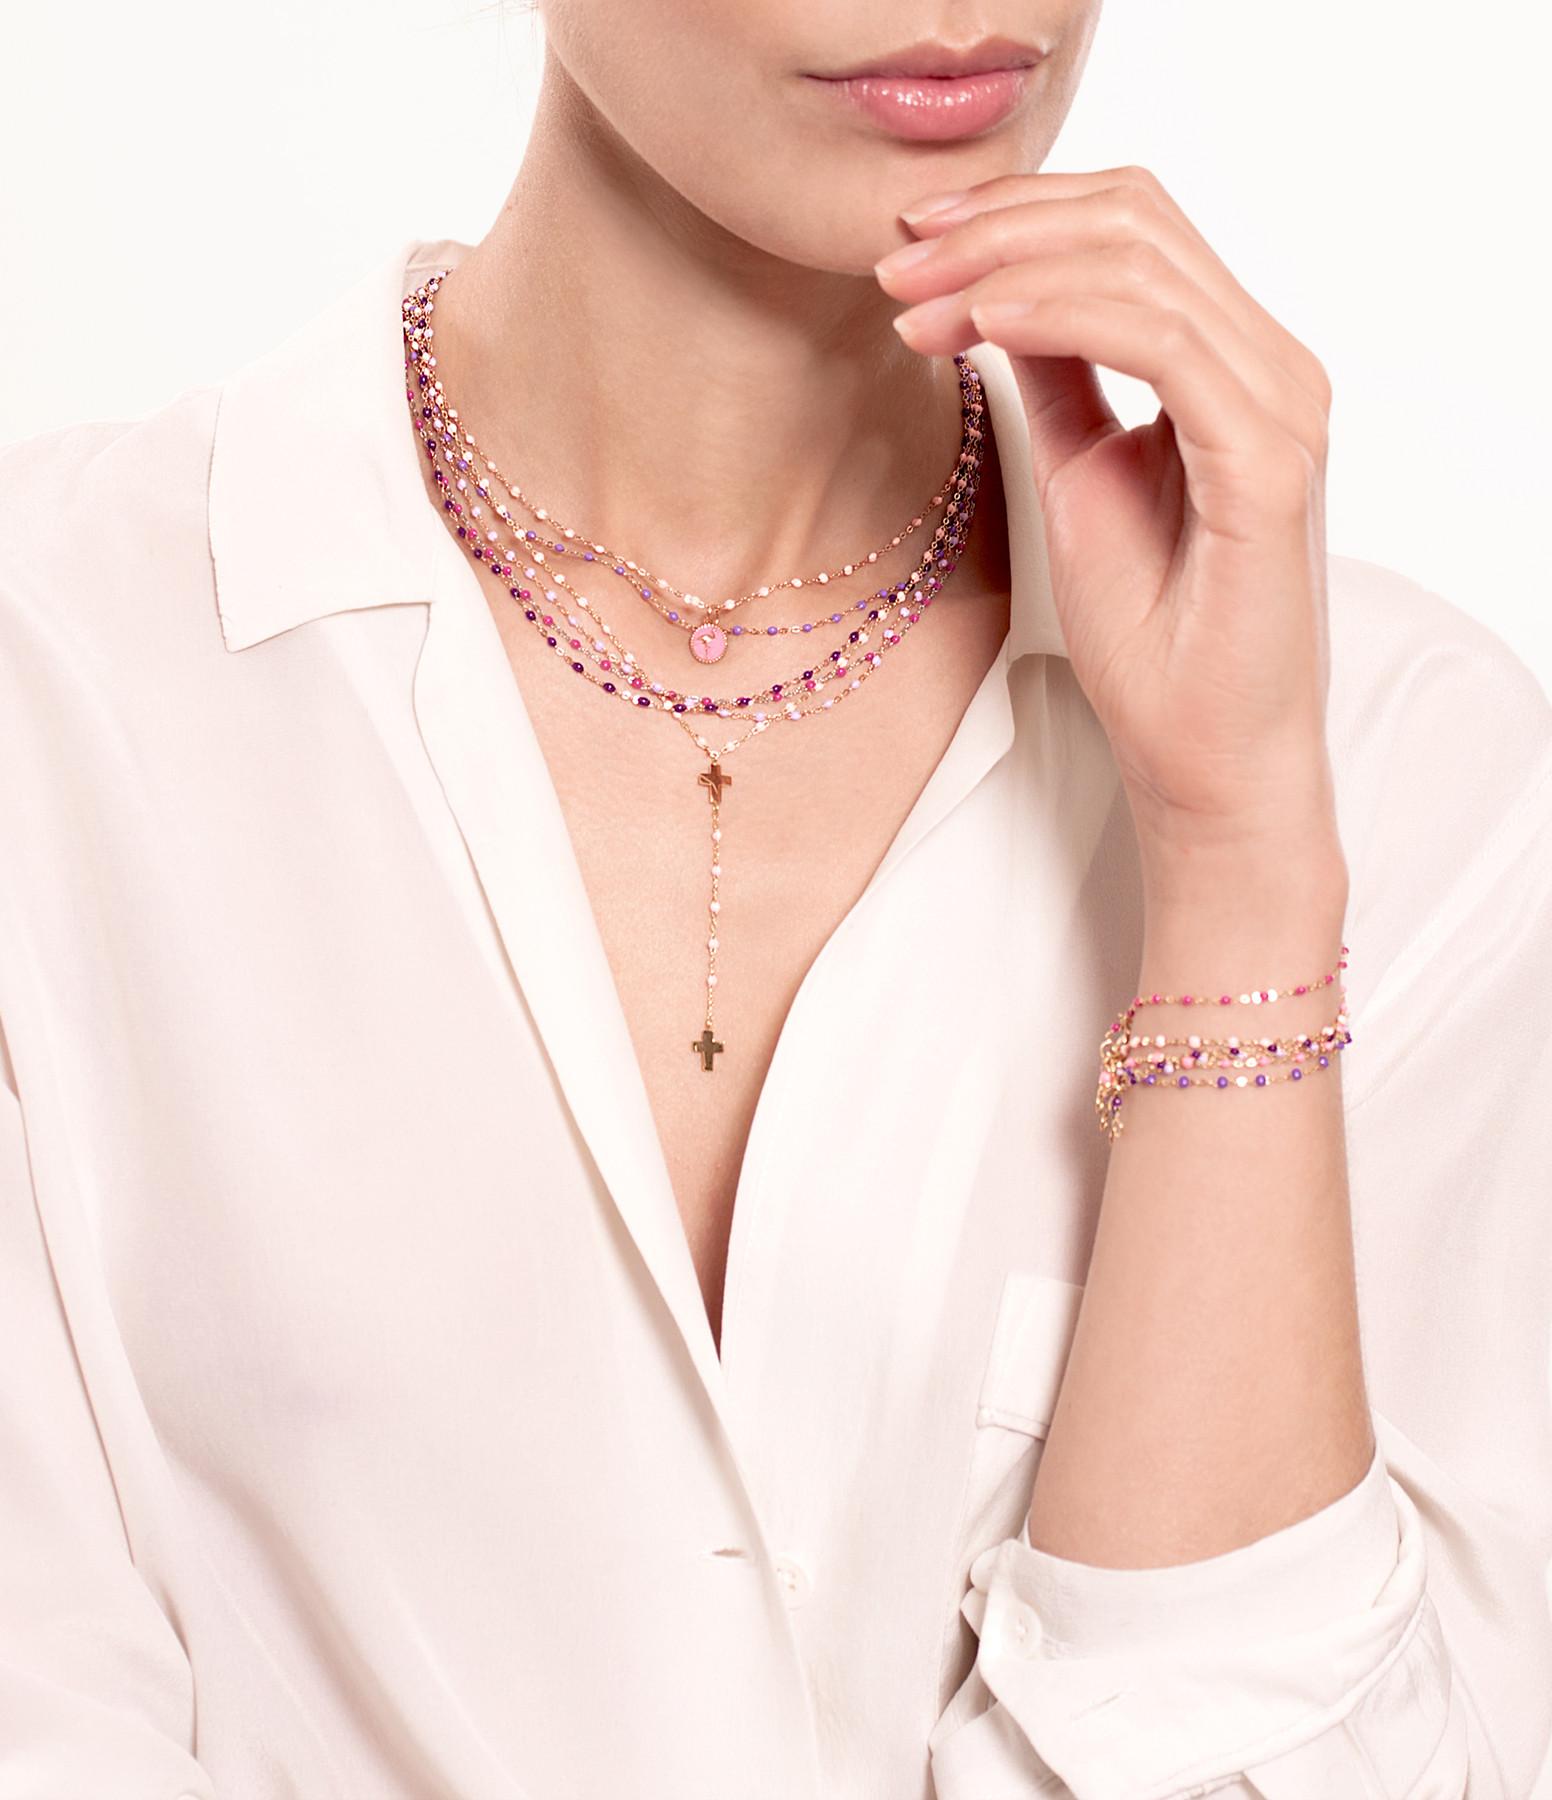 Collier Perles Résine Or 42cm - Gigi Clozeau